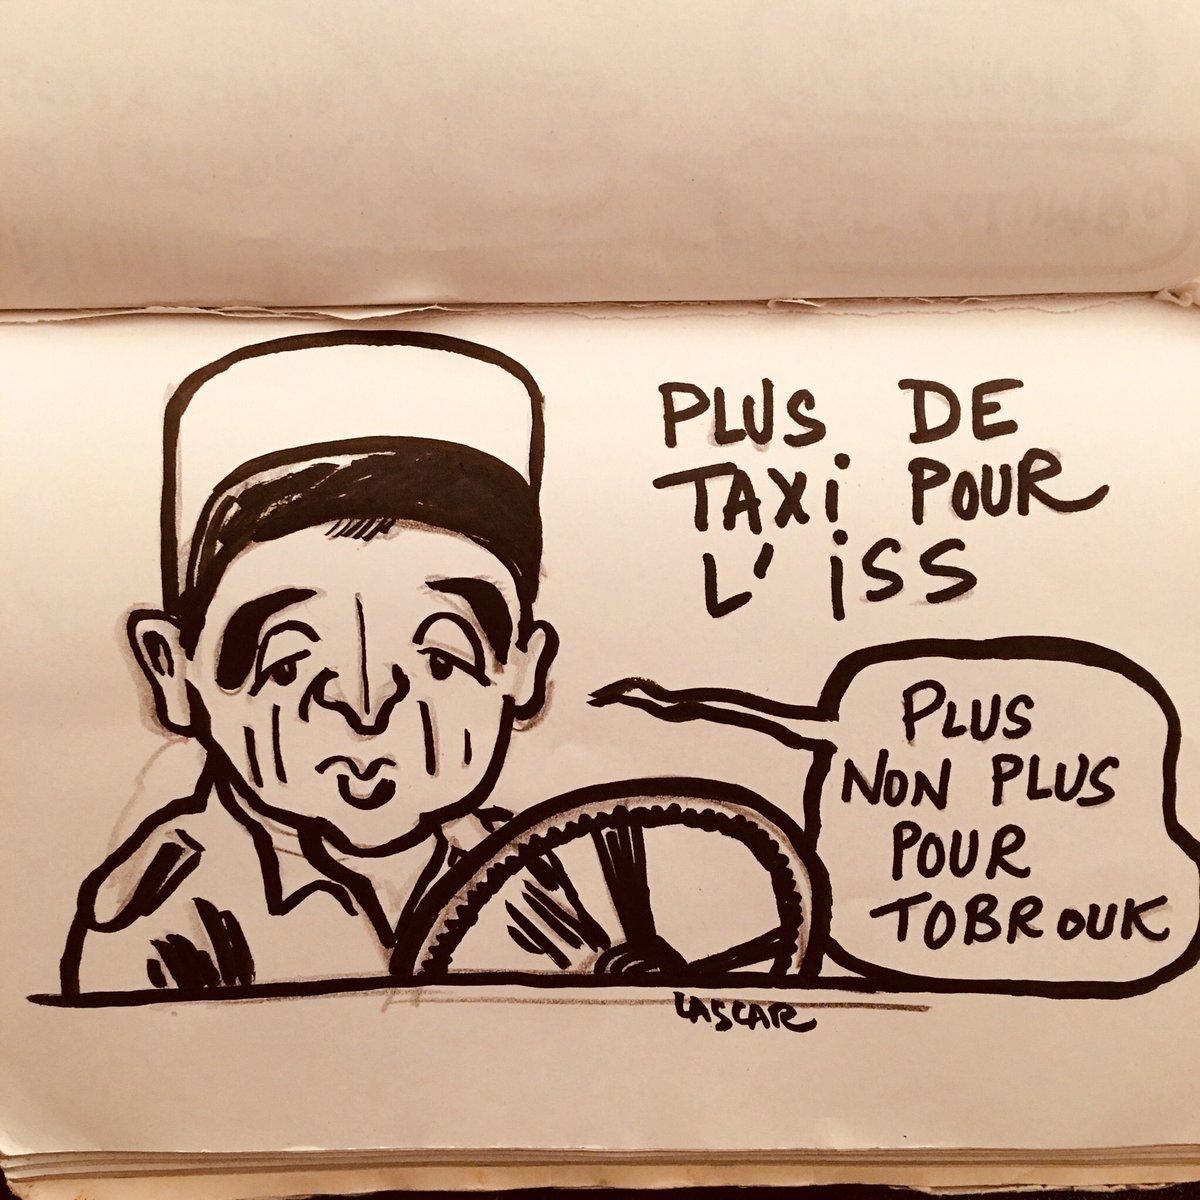 Avec l'accident du #Soyouz, il n'y a plus de taxi pour l'#ISS, la station spatiale internationale... #Aznavour #CharlesAznavour #Tobrouk  - FestivalFocus